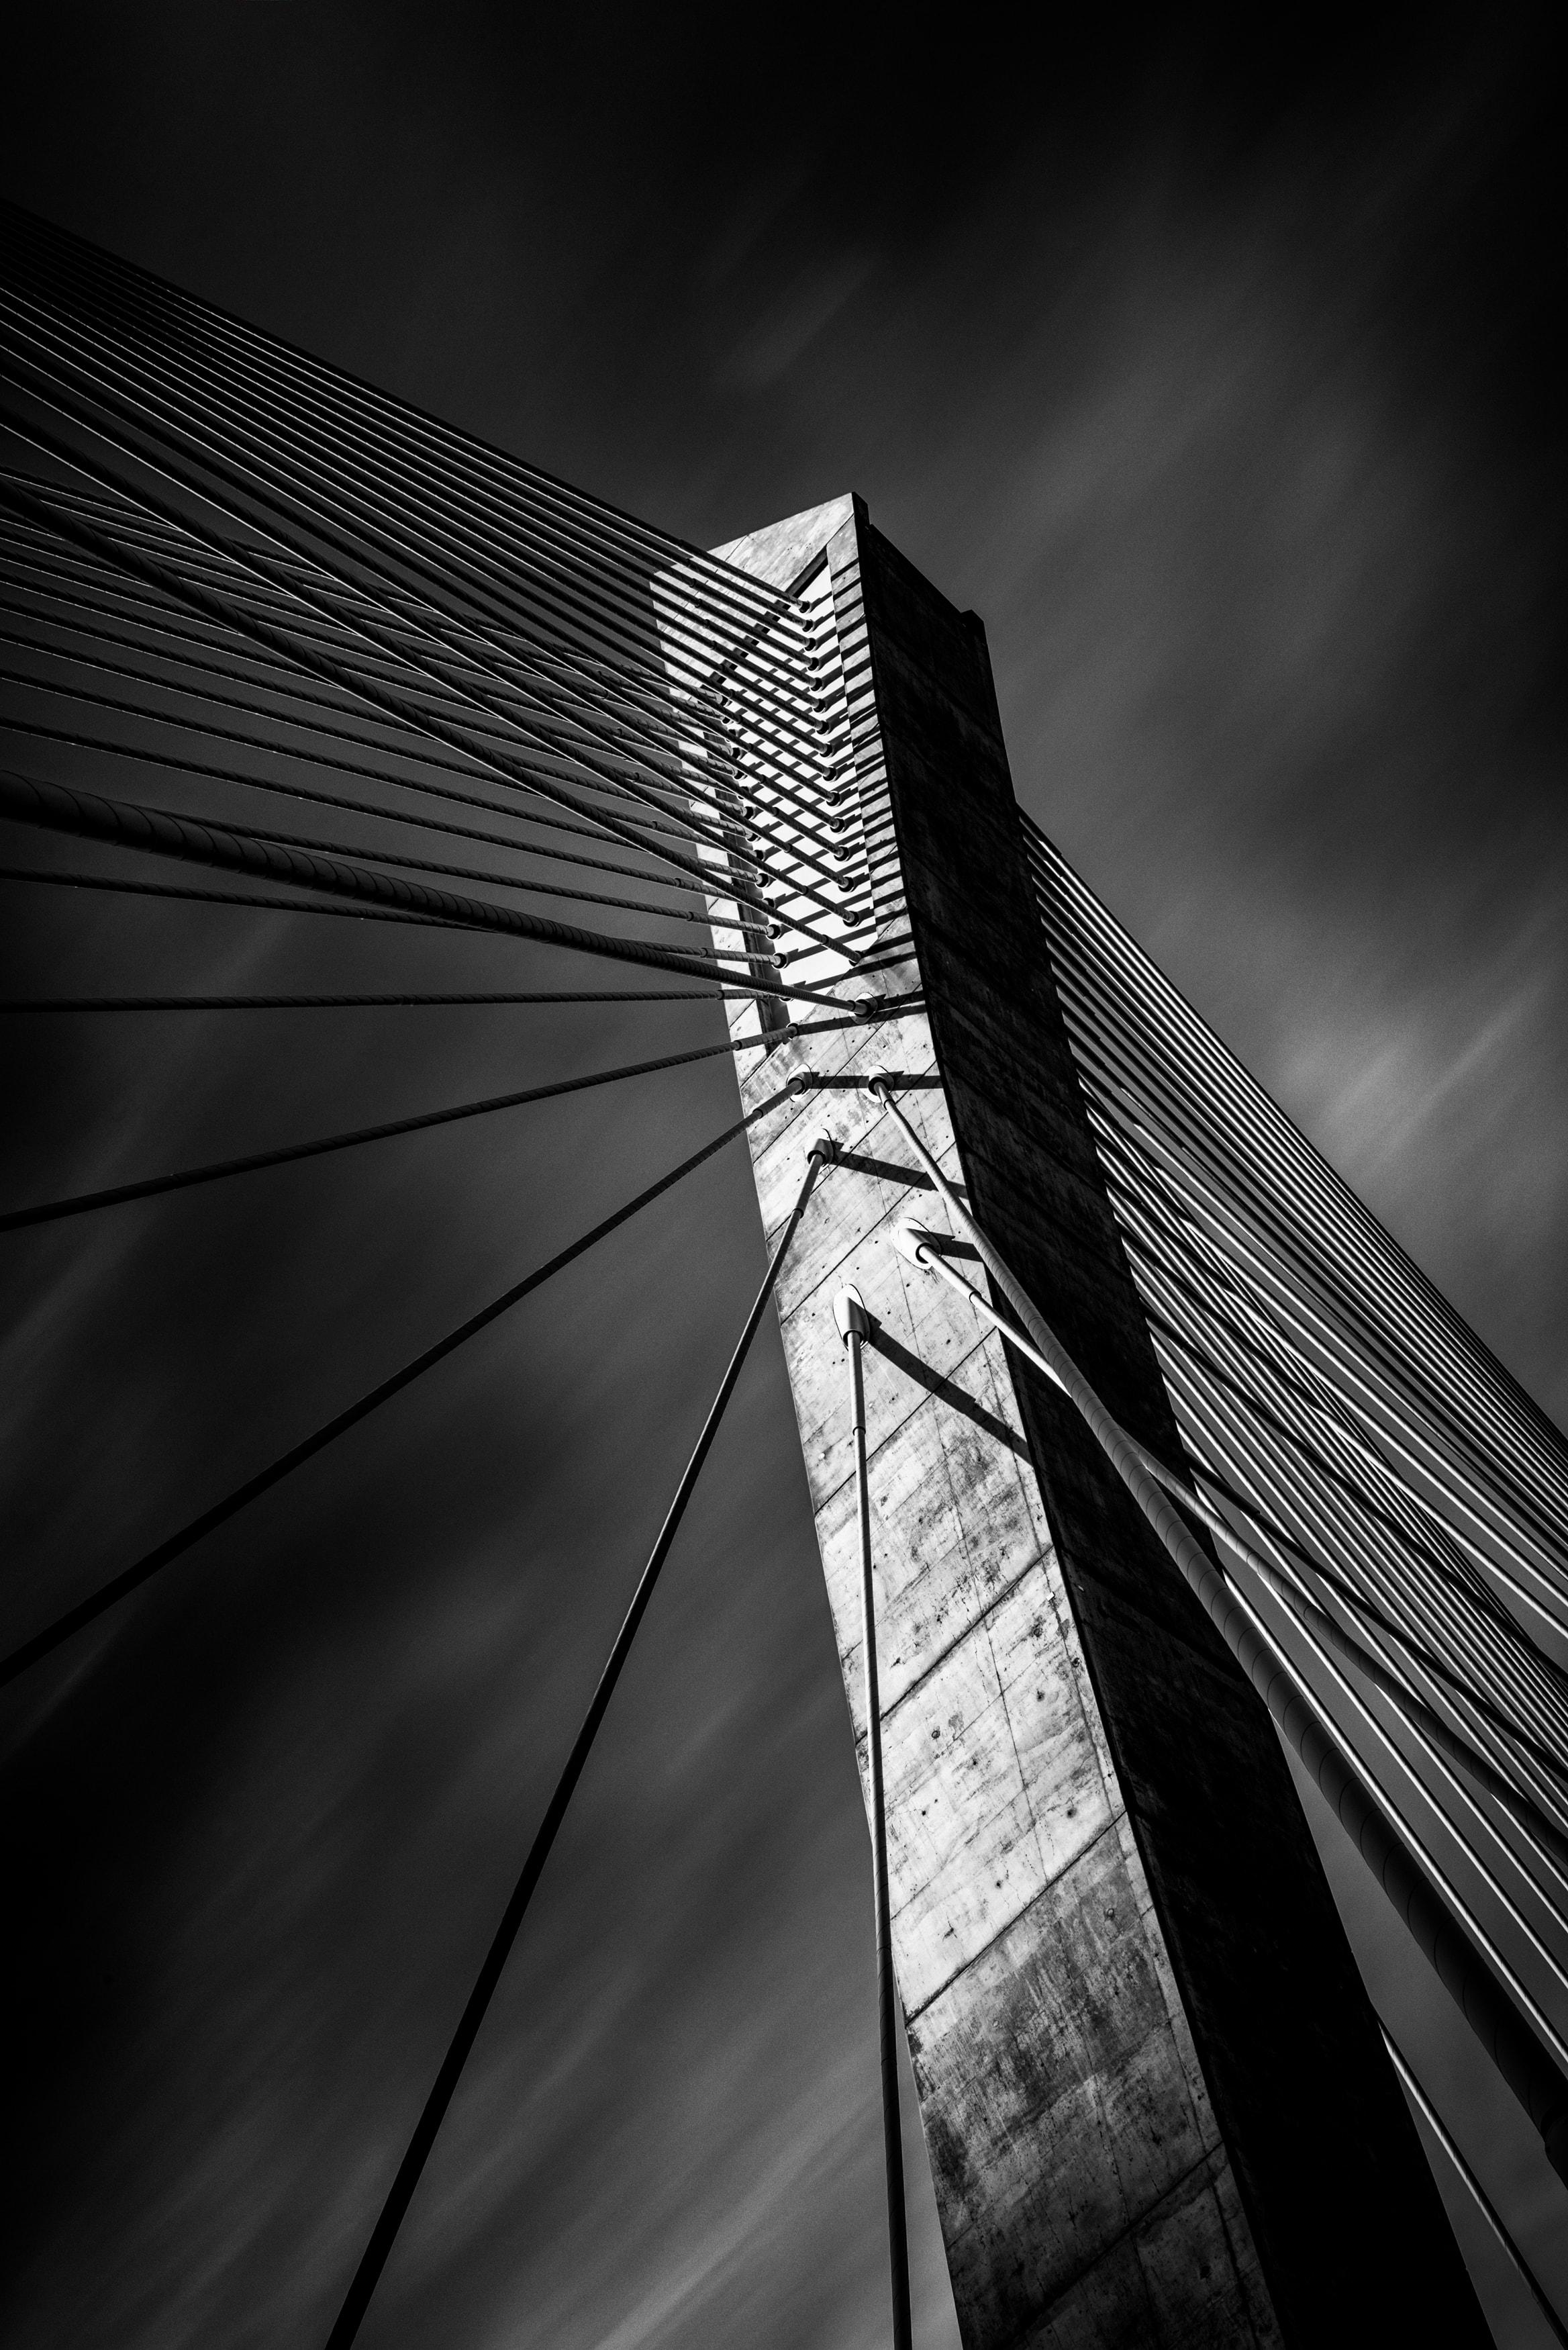 fine art black and white architectural photo